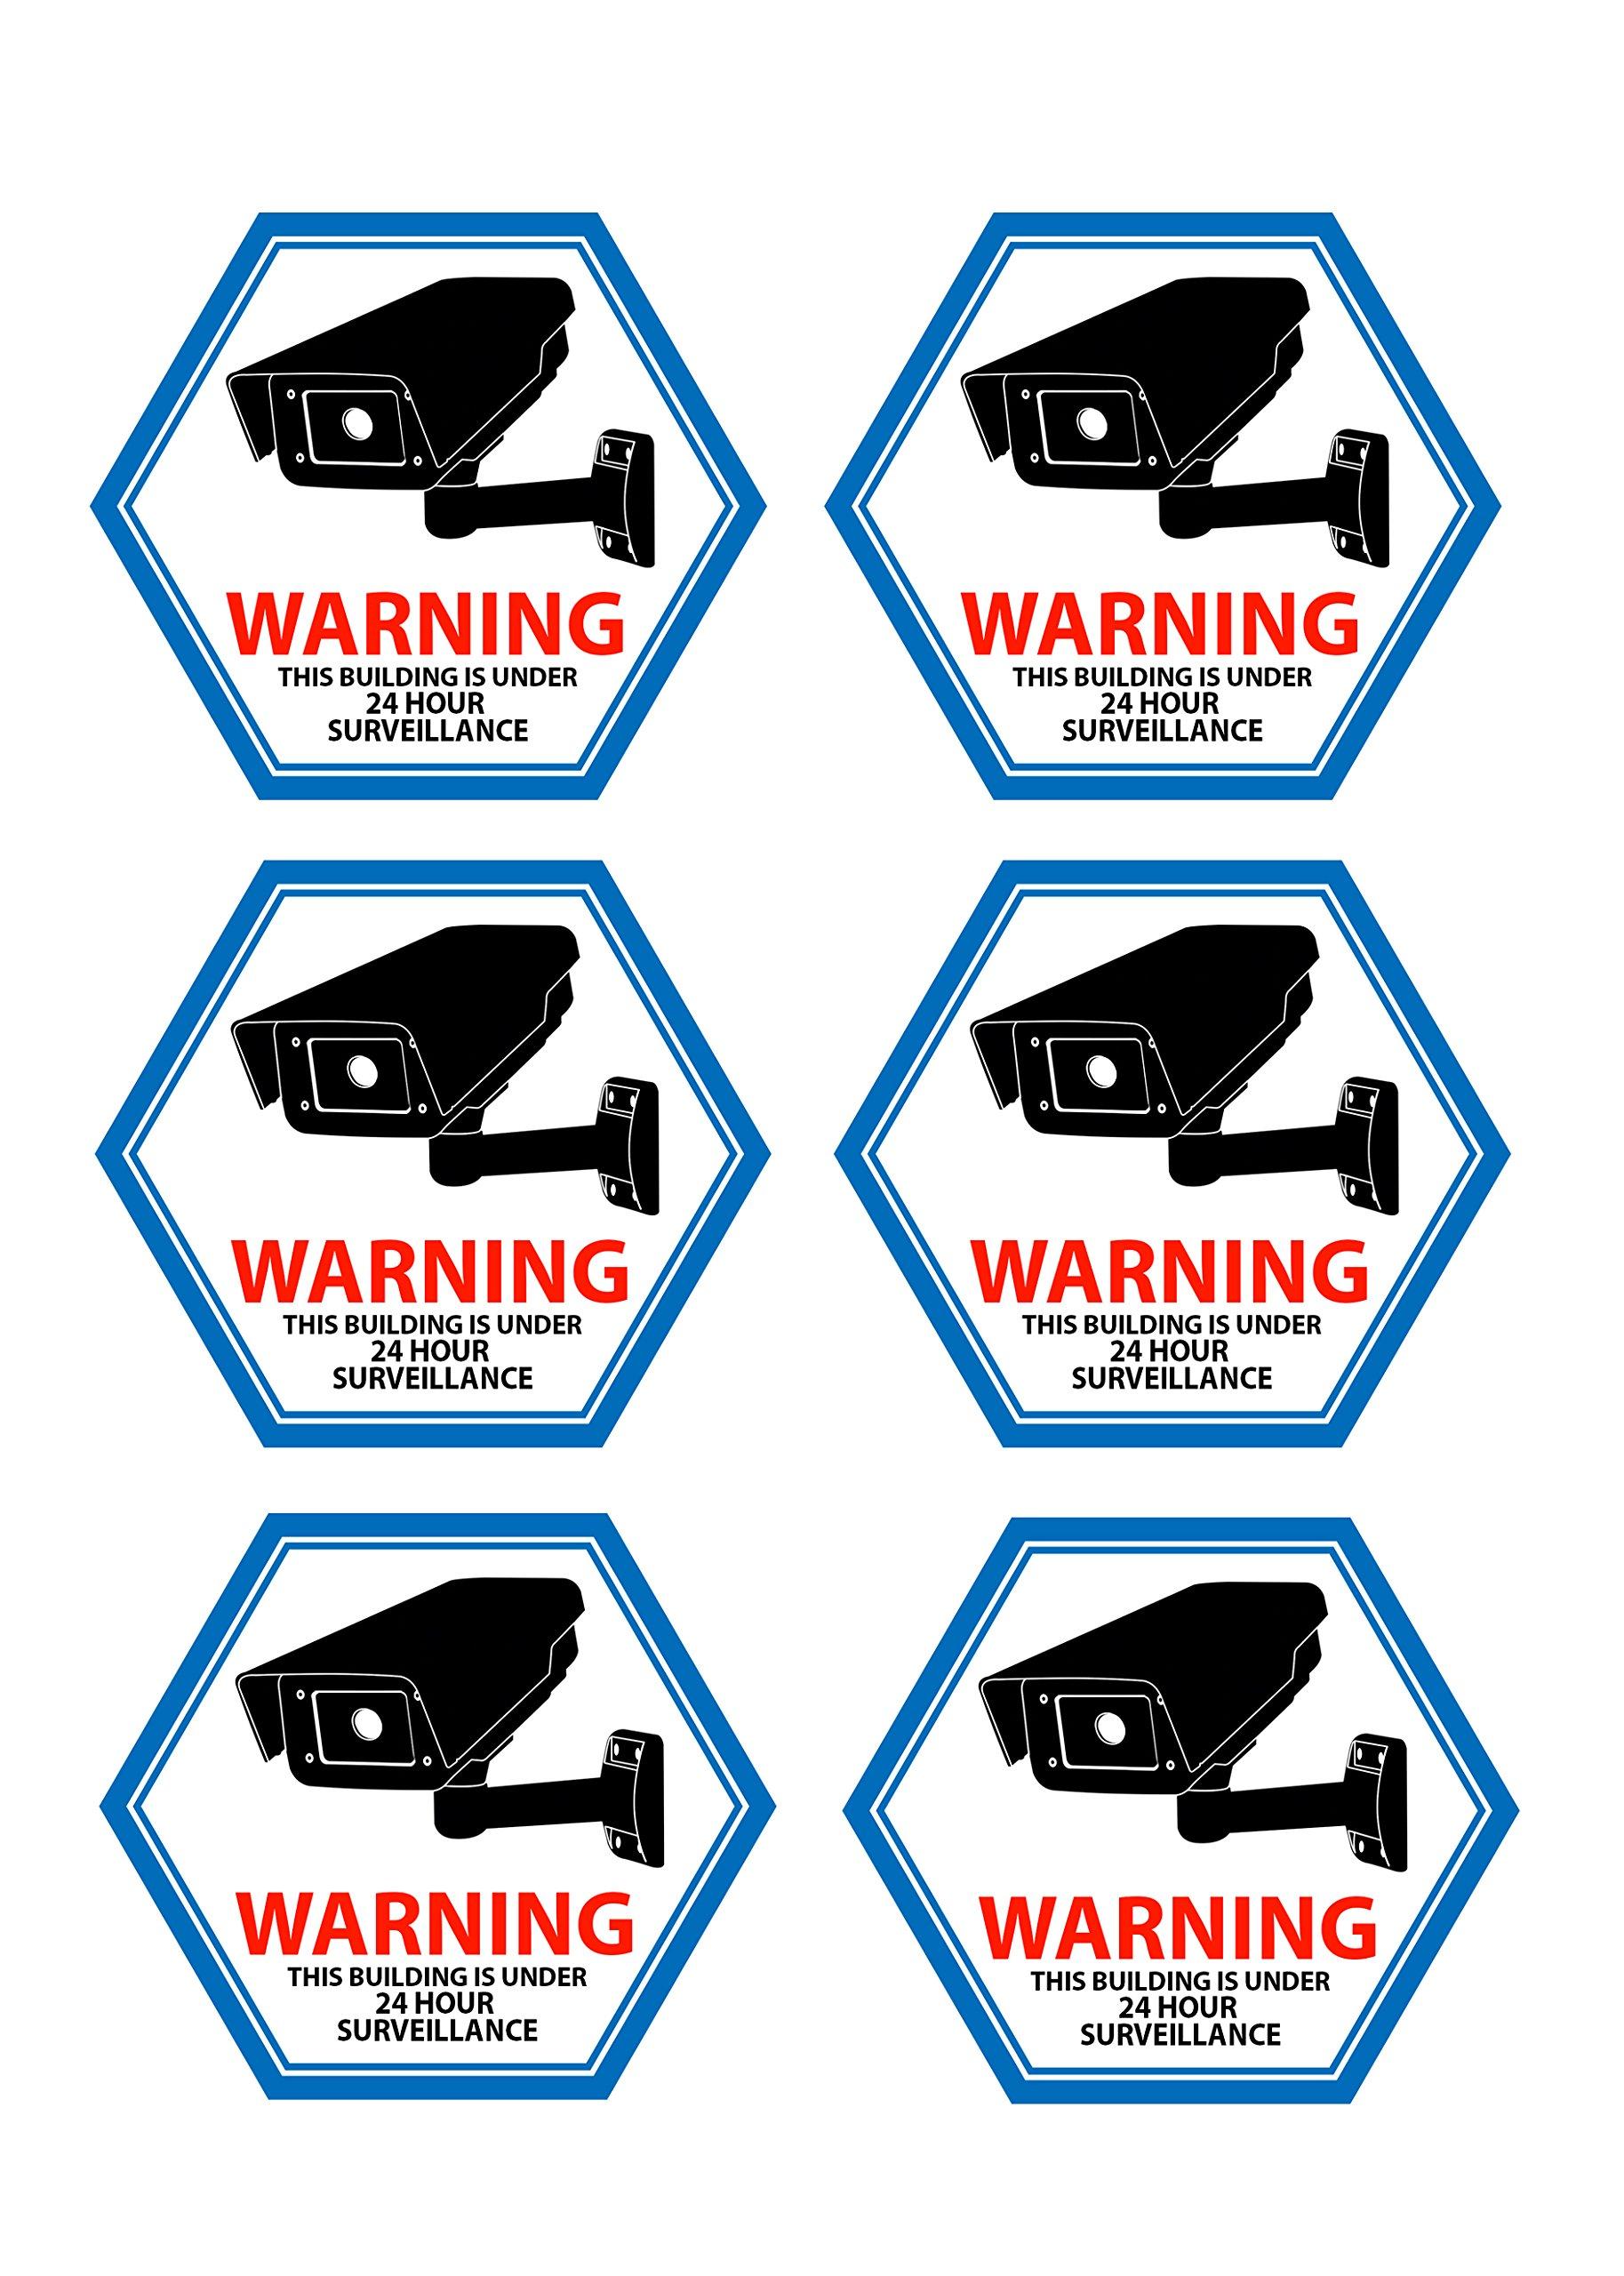 Mandala Crafts Blue Edge Home Business Security Dvr Cctv Camera Video Surveil.. 8